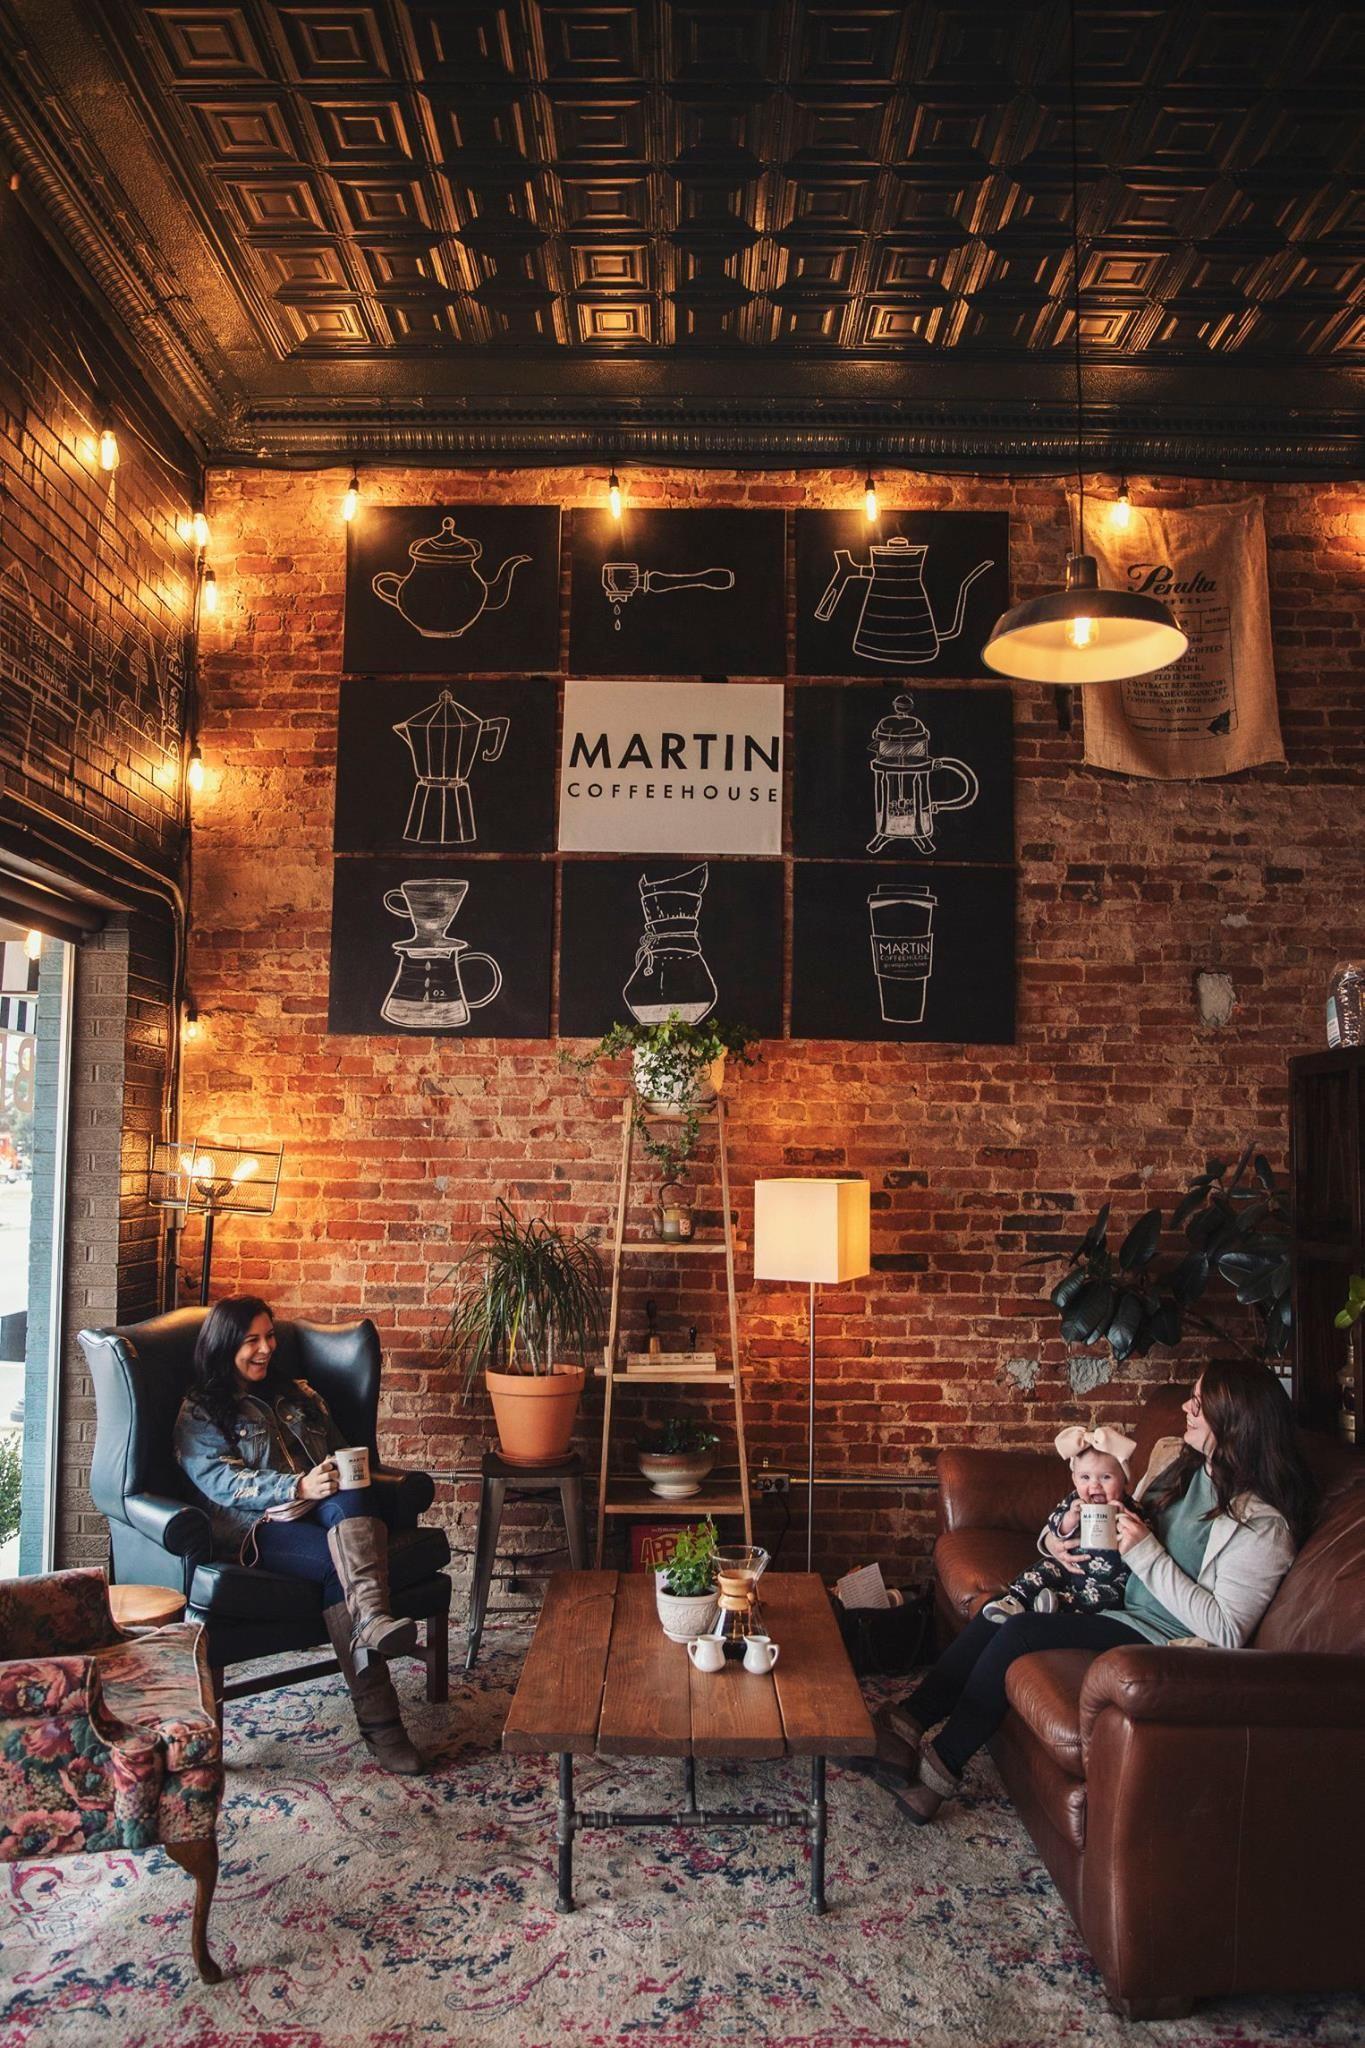 Cozy Coffee Shop In 2020 Coffee Shop Decor Coffee Shop Design Rustic Coffee Shop